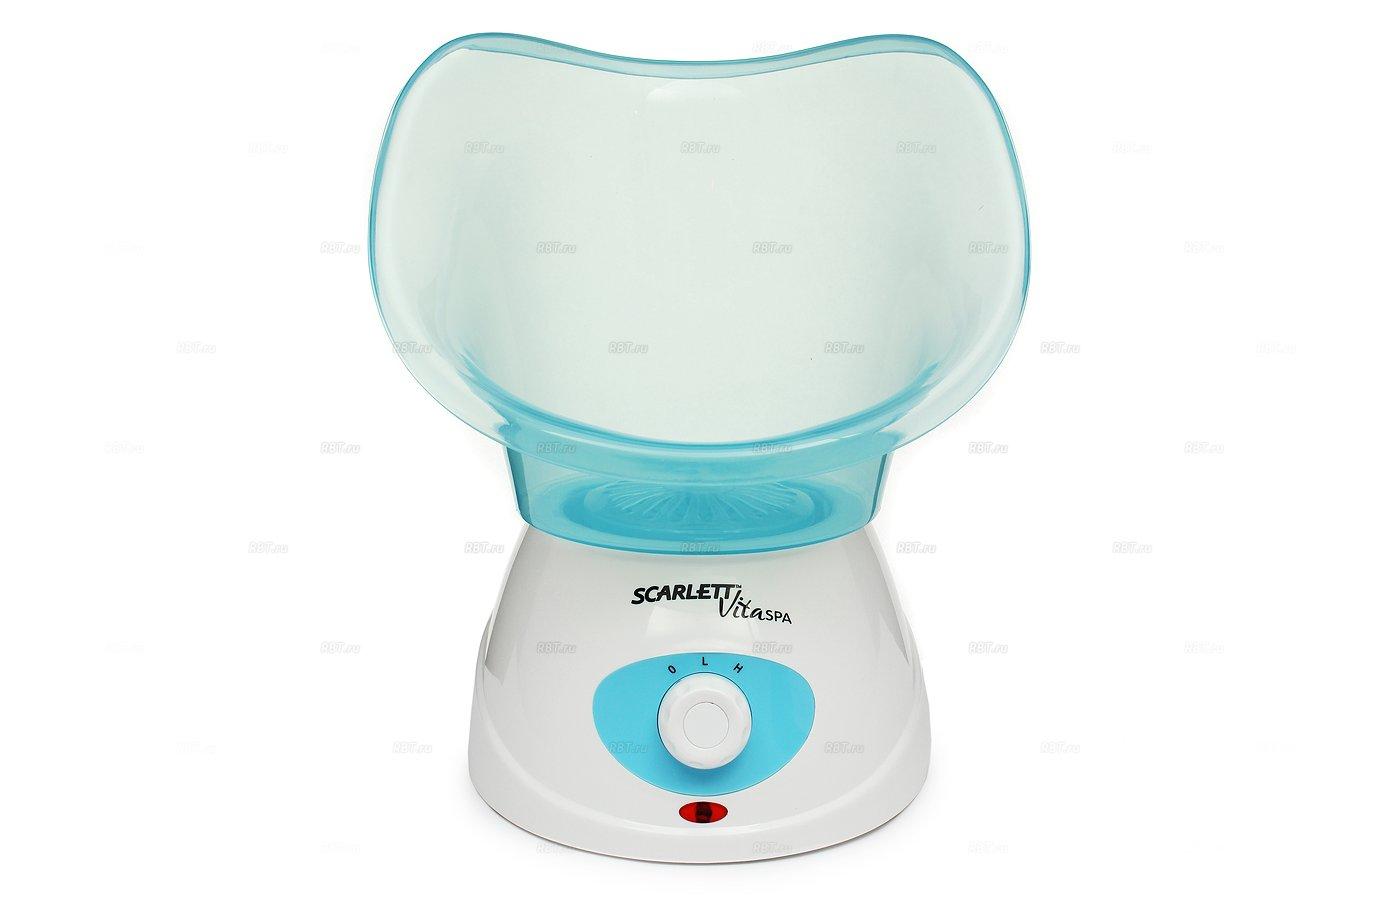 Прочие косметические приборы Scarlett SC-CA300S01